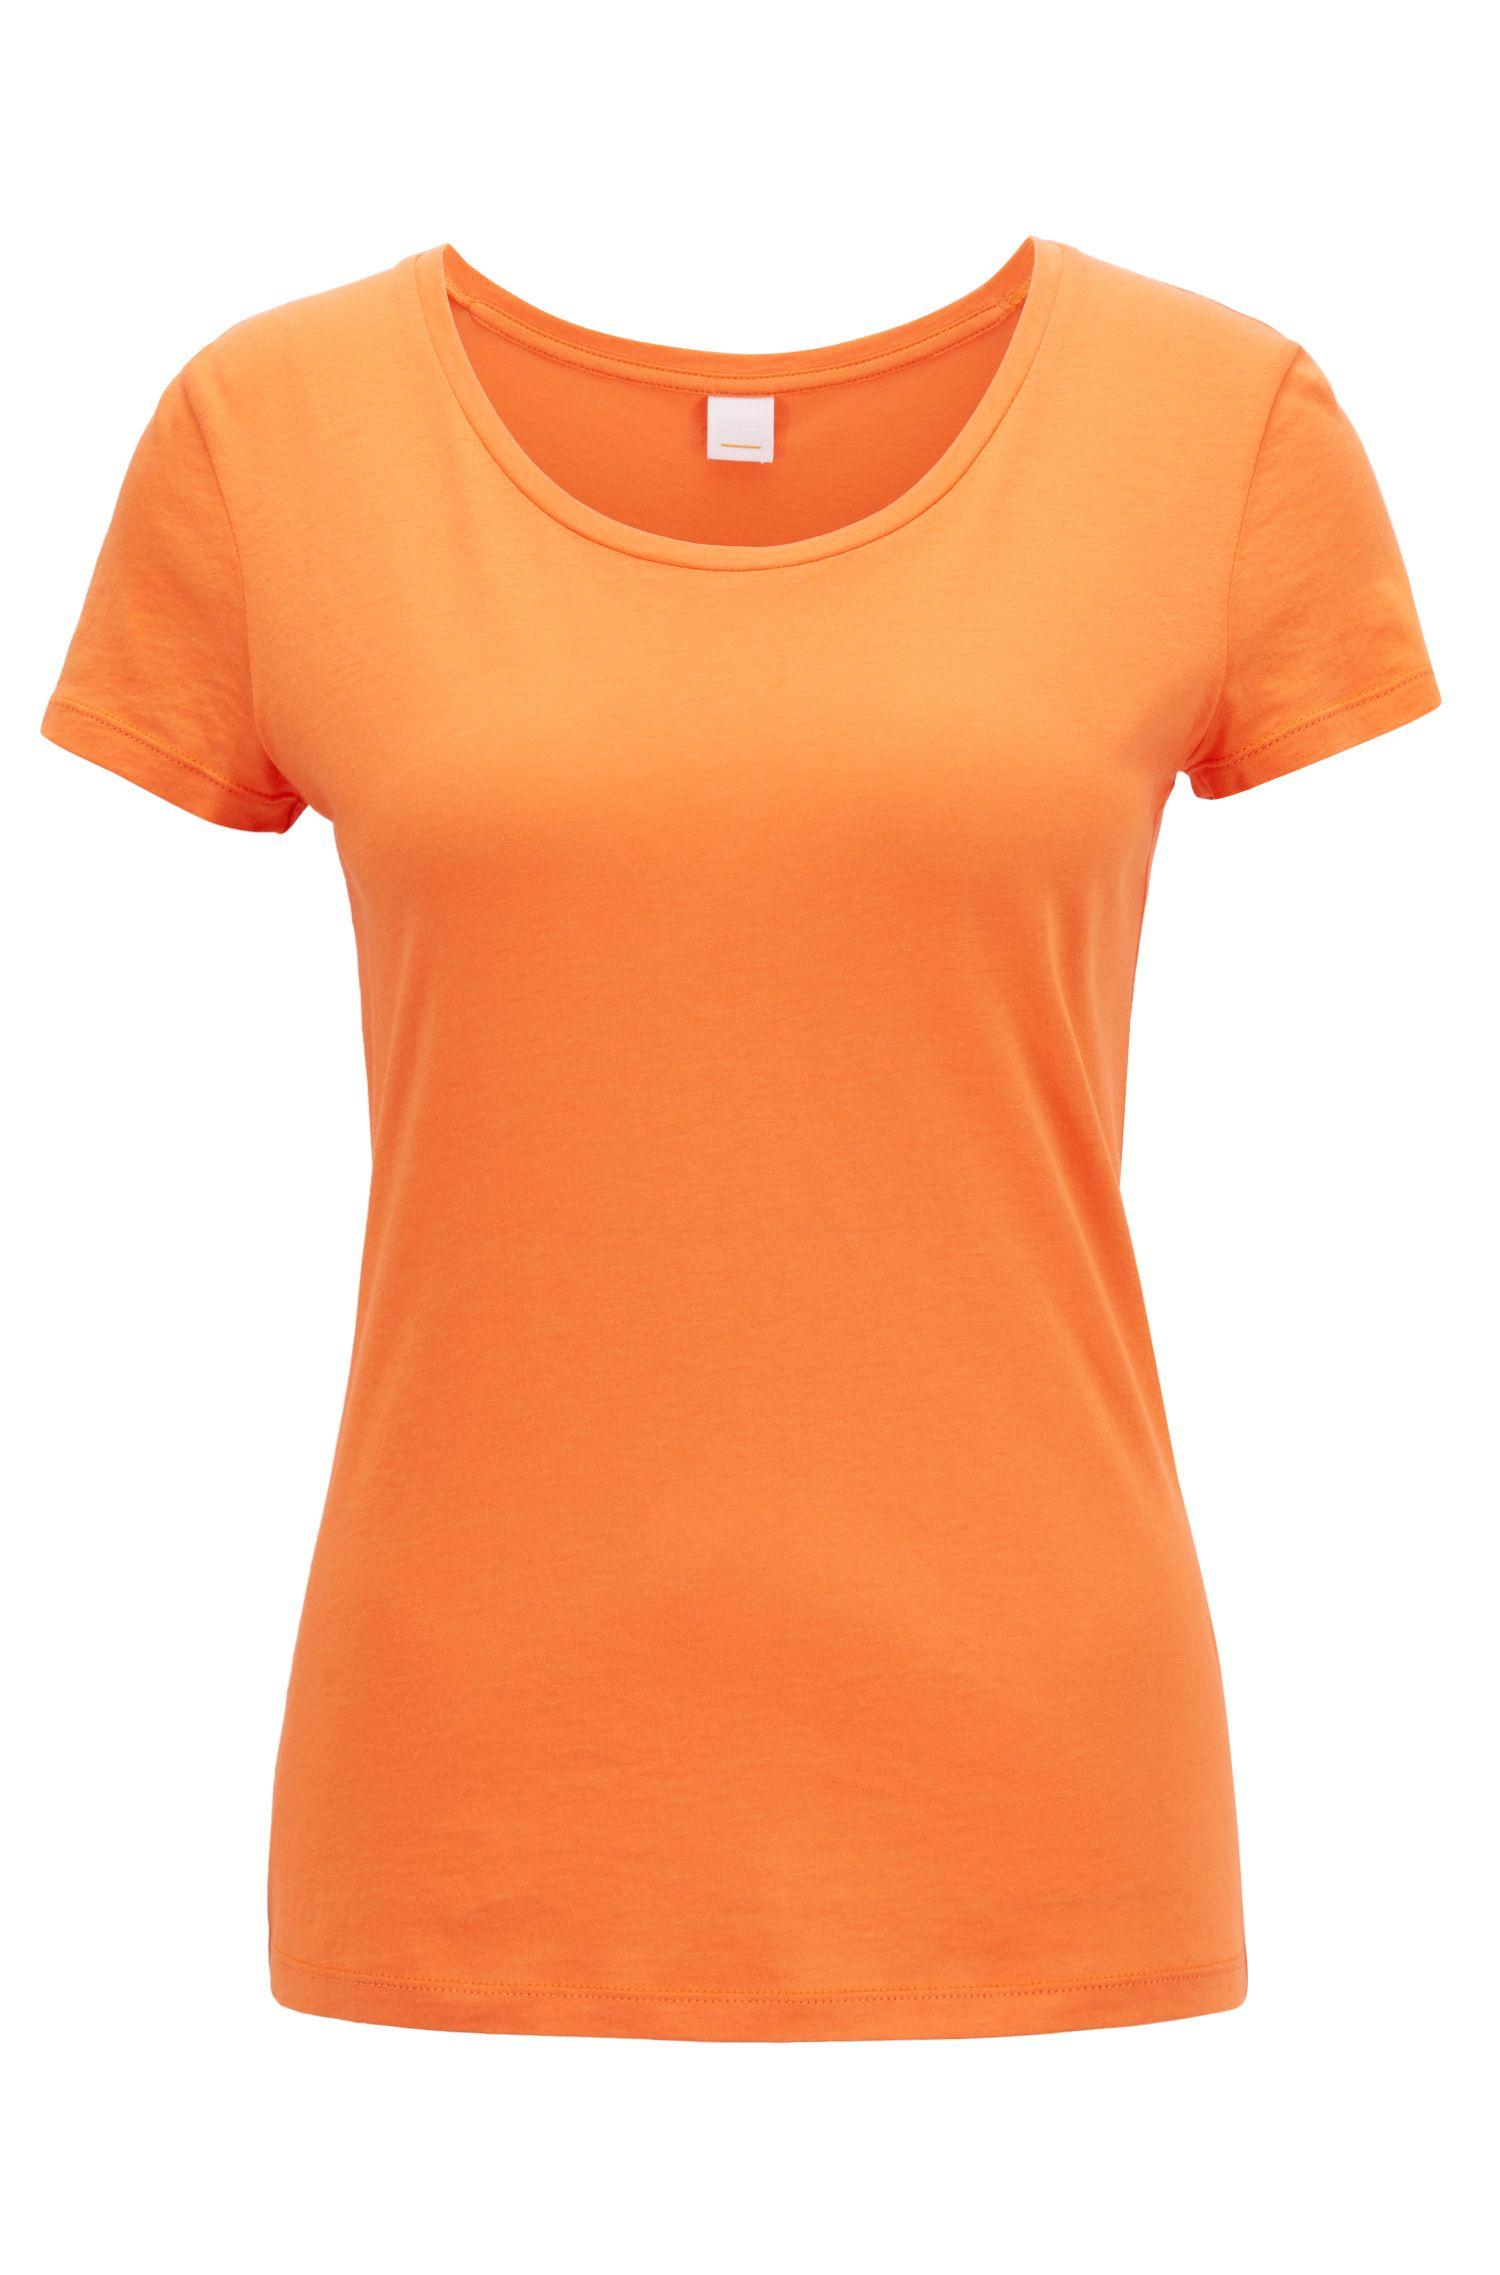 Jerseytop van een pimakatoenmix met wijde, ronde hals, Oranje